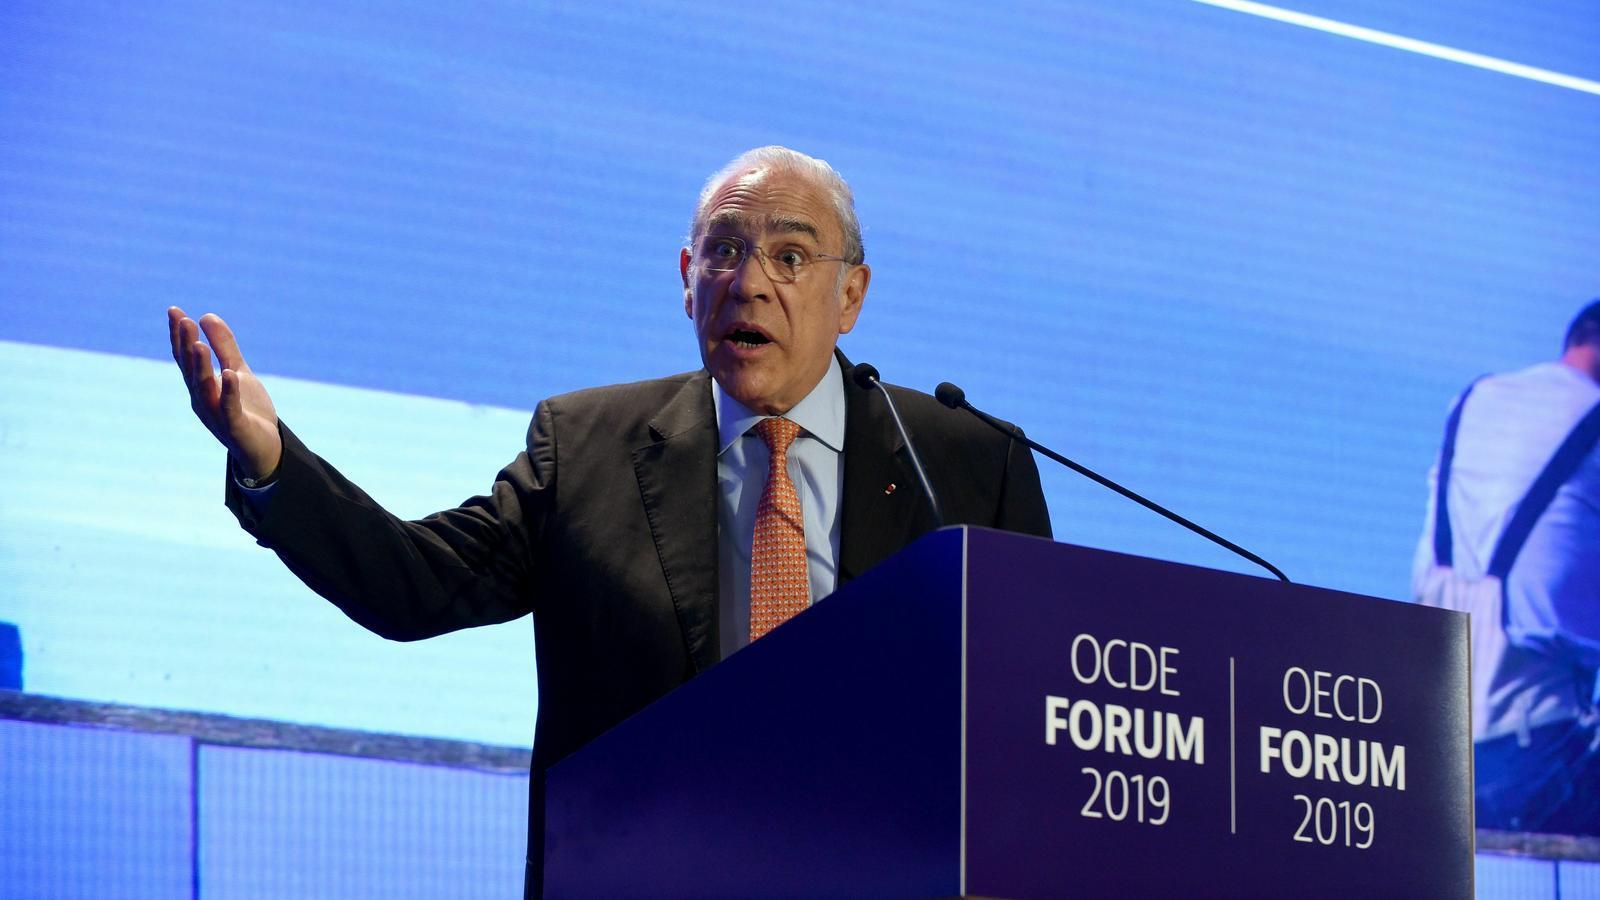 L'OCDE revisa a la baixa la previsió de creixement mundial però augmenta la de la zona euro